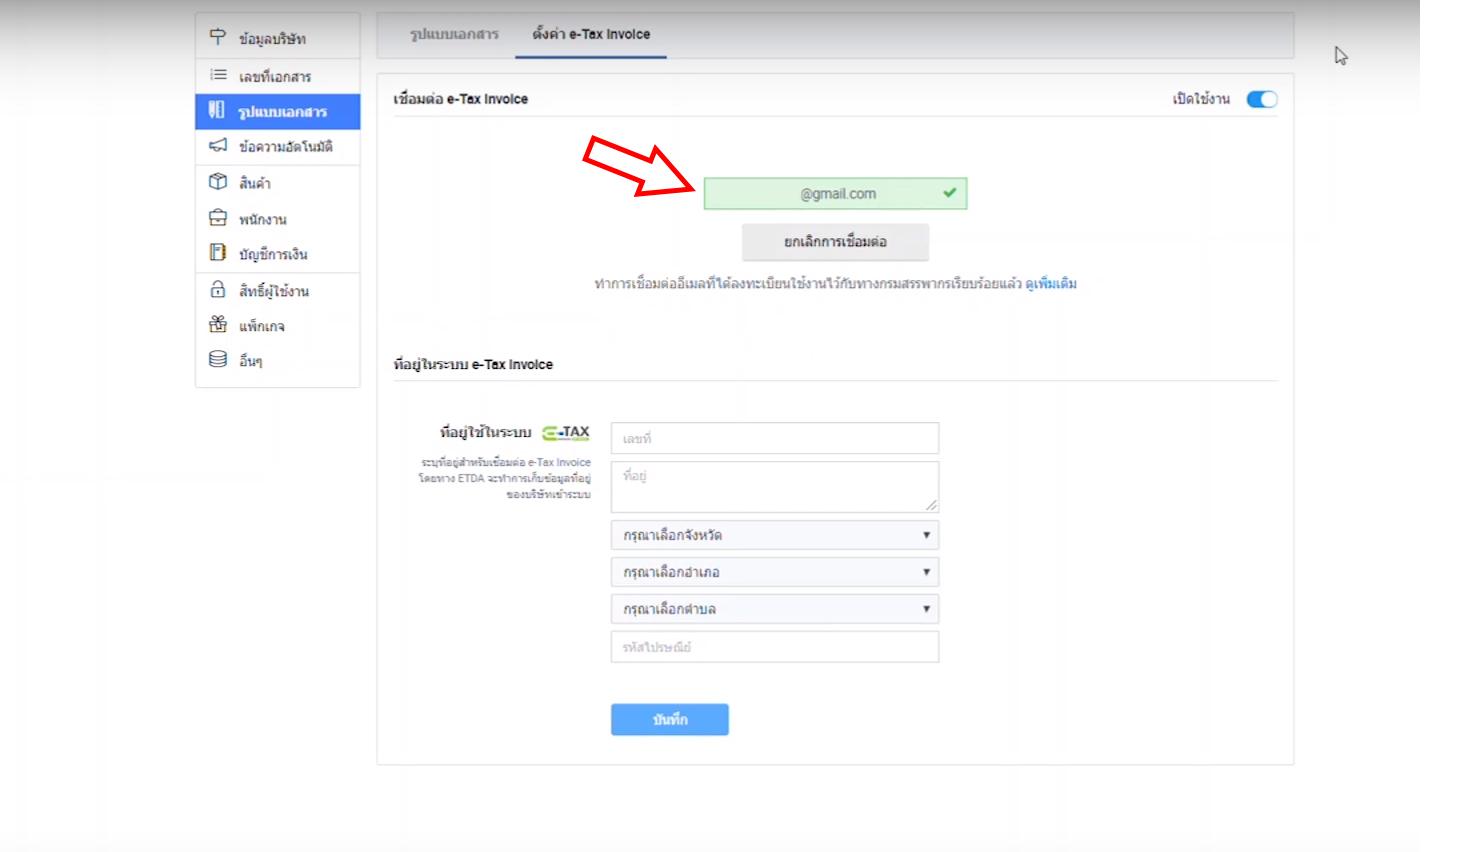 จาก sign in เสร็จสมบูรณ์จะขึ้น gmail ที่สมัคร e-Taxไว้